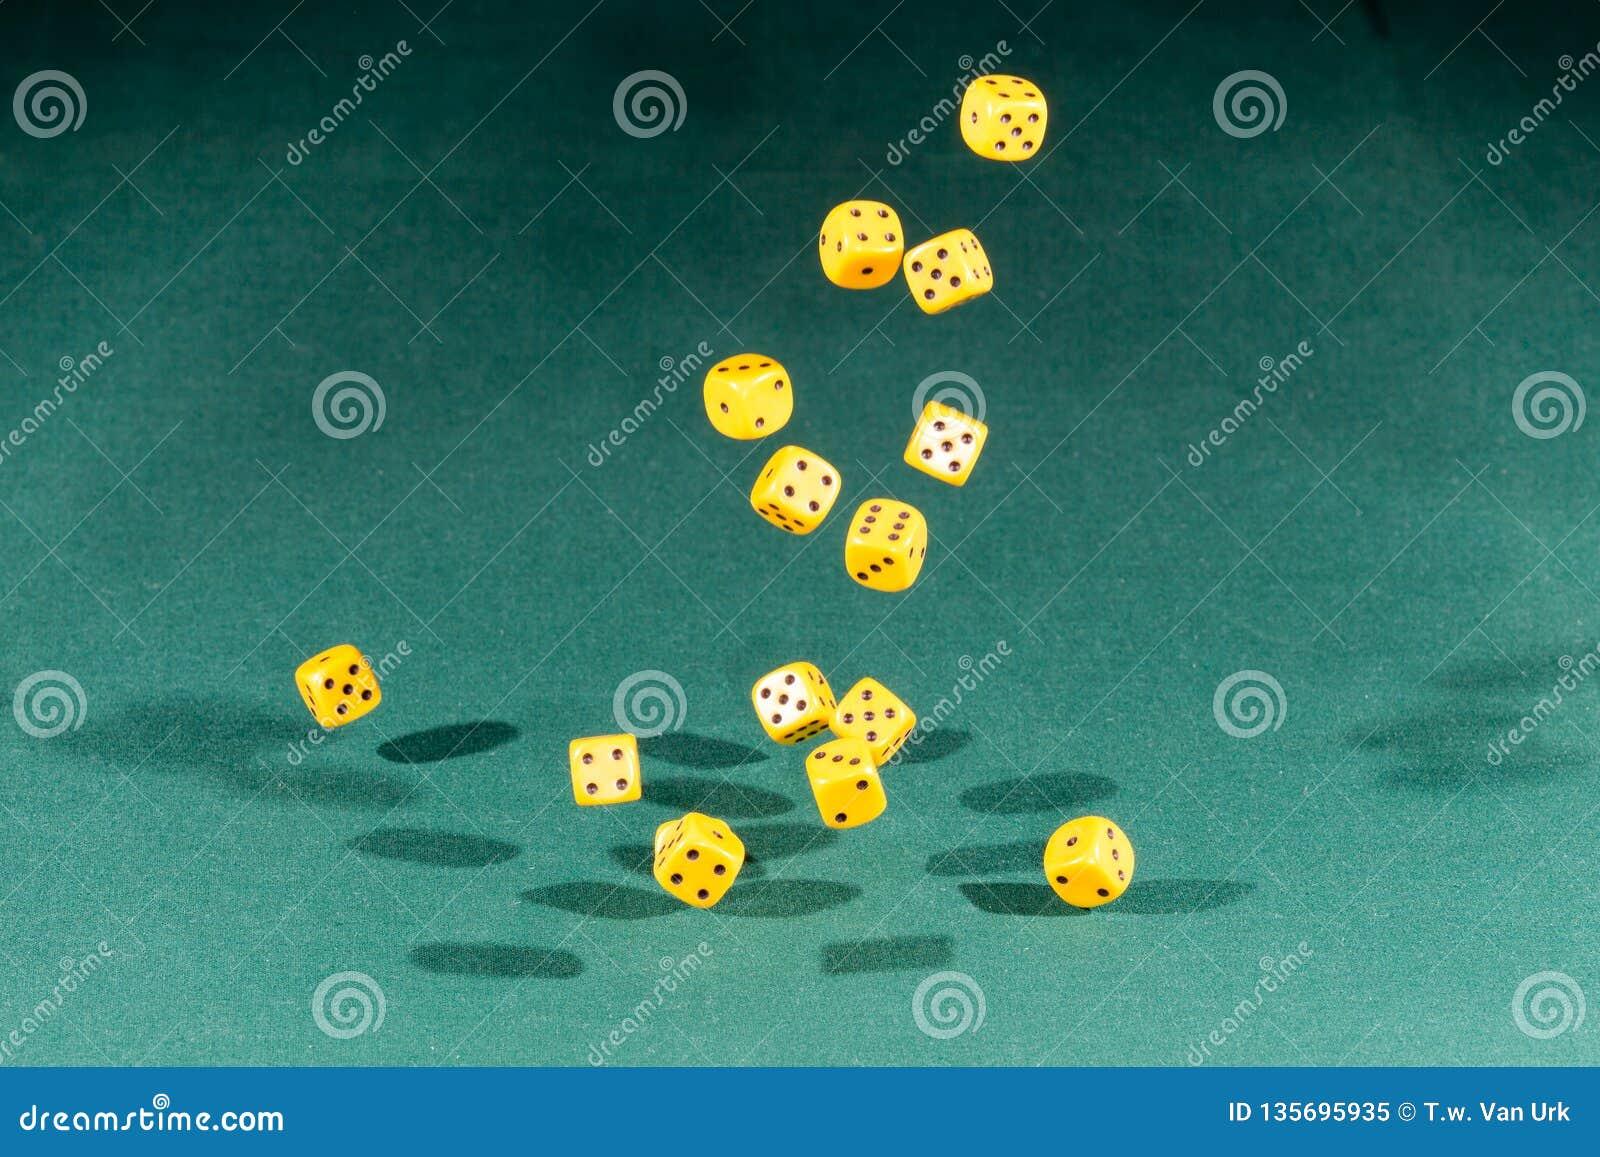 Fünfzehn gelb würfelt das Fallen auf eine grüne Tabelle